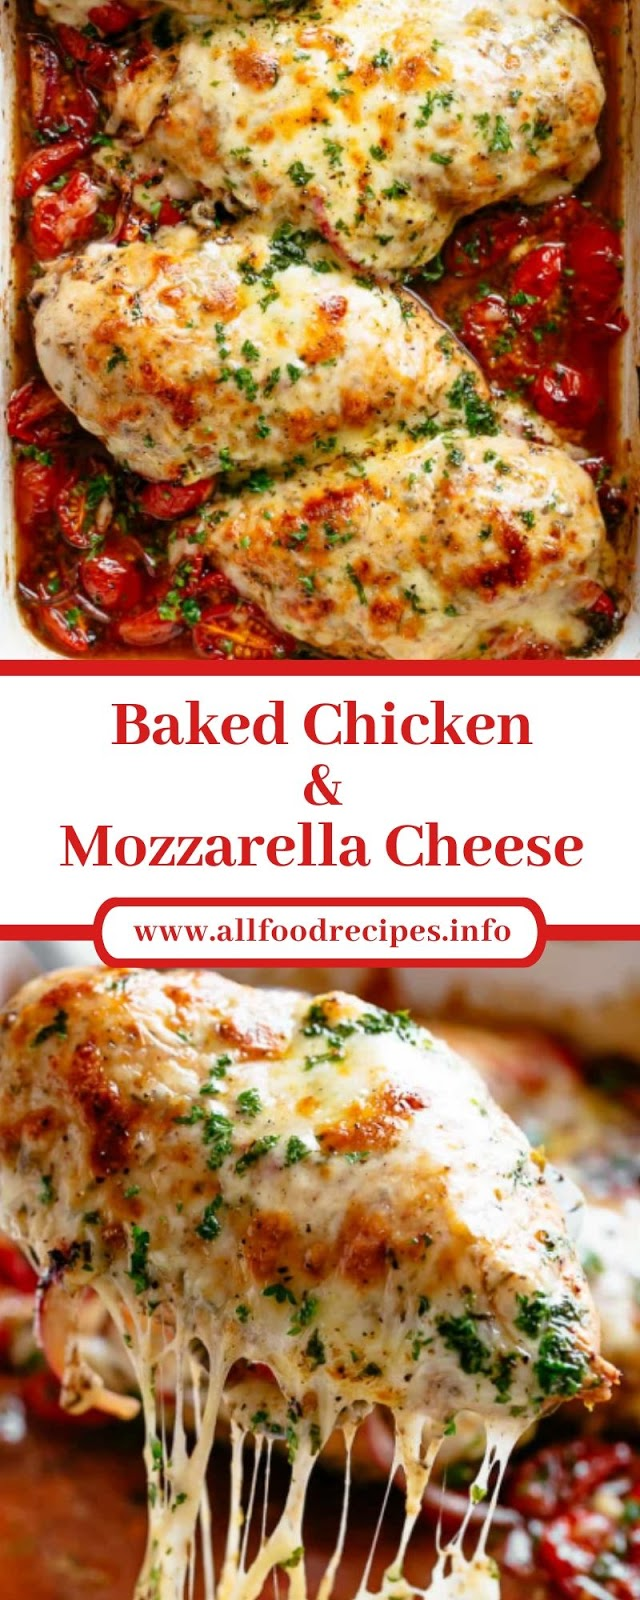 Baked Chicken & Mozzarella Cheese